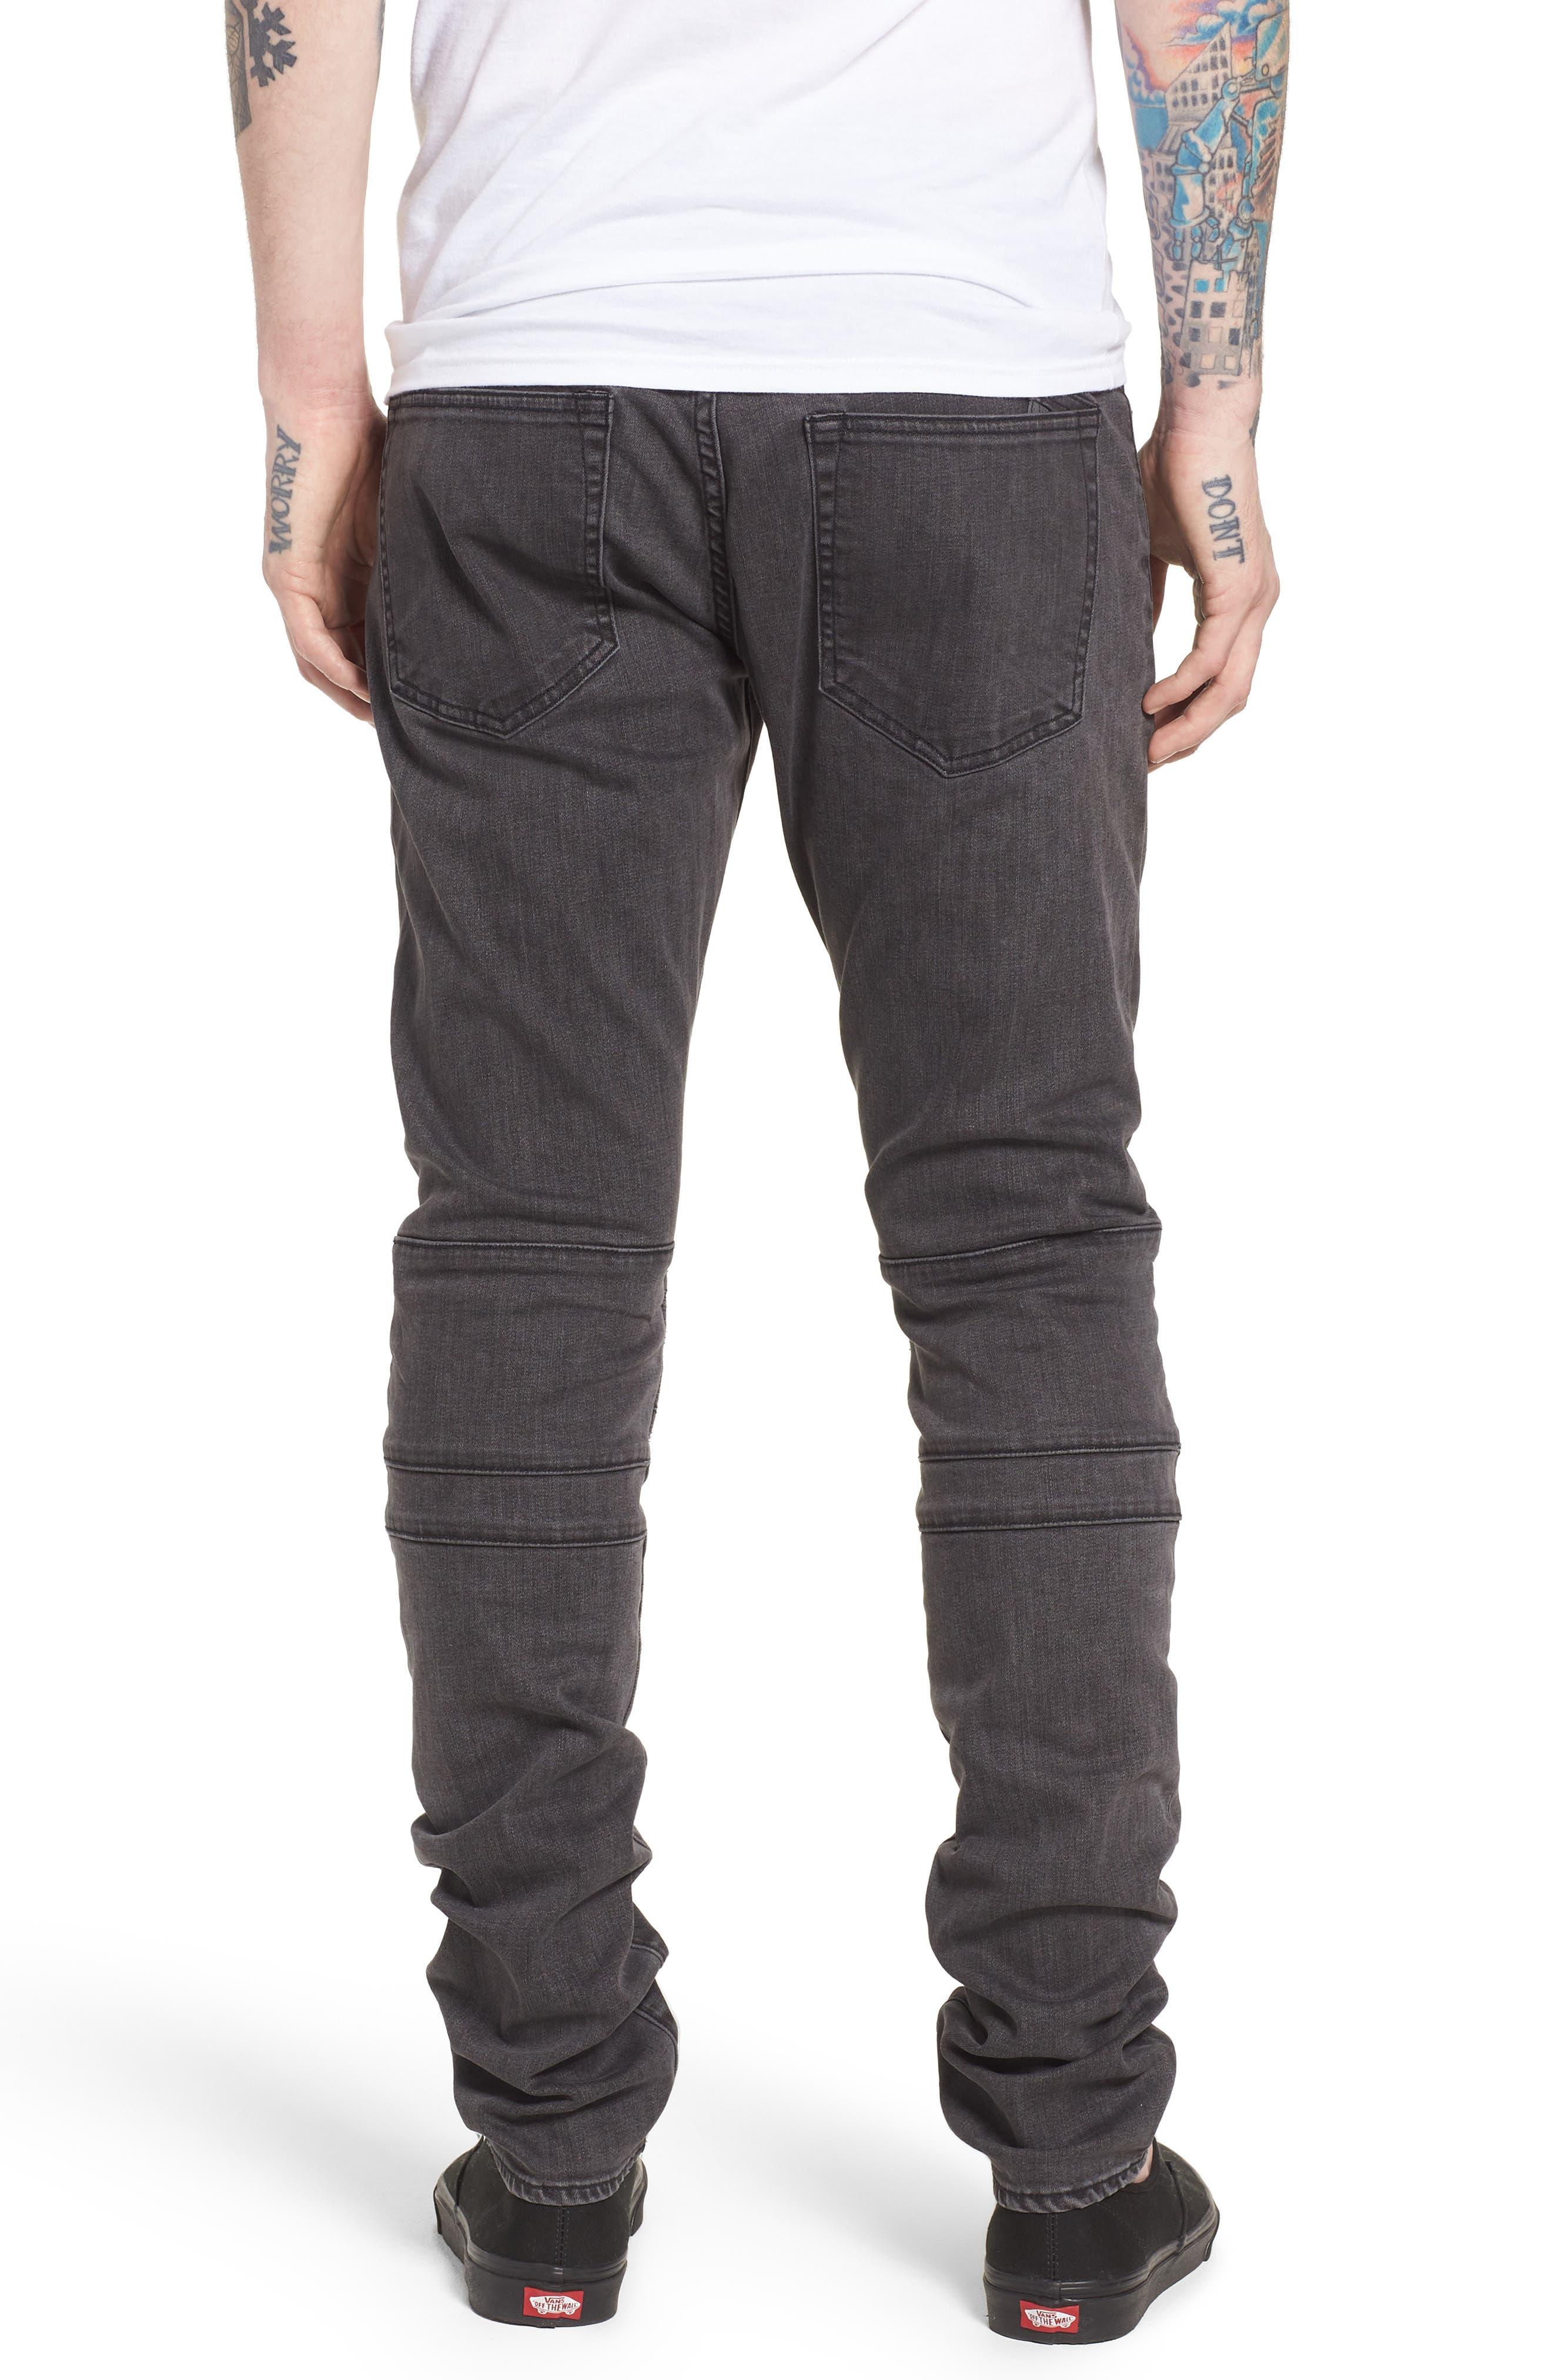 Le Sabre Slim Fit Jeans,                             Alternate thumbnail 2, color,                             FESTIVAL